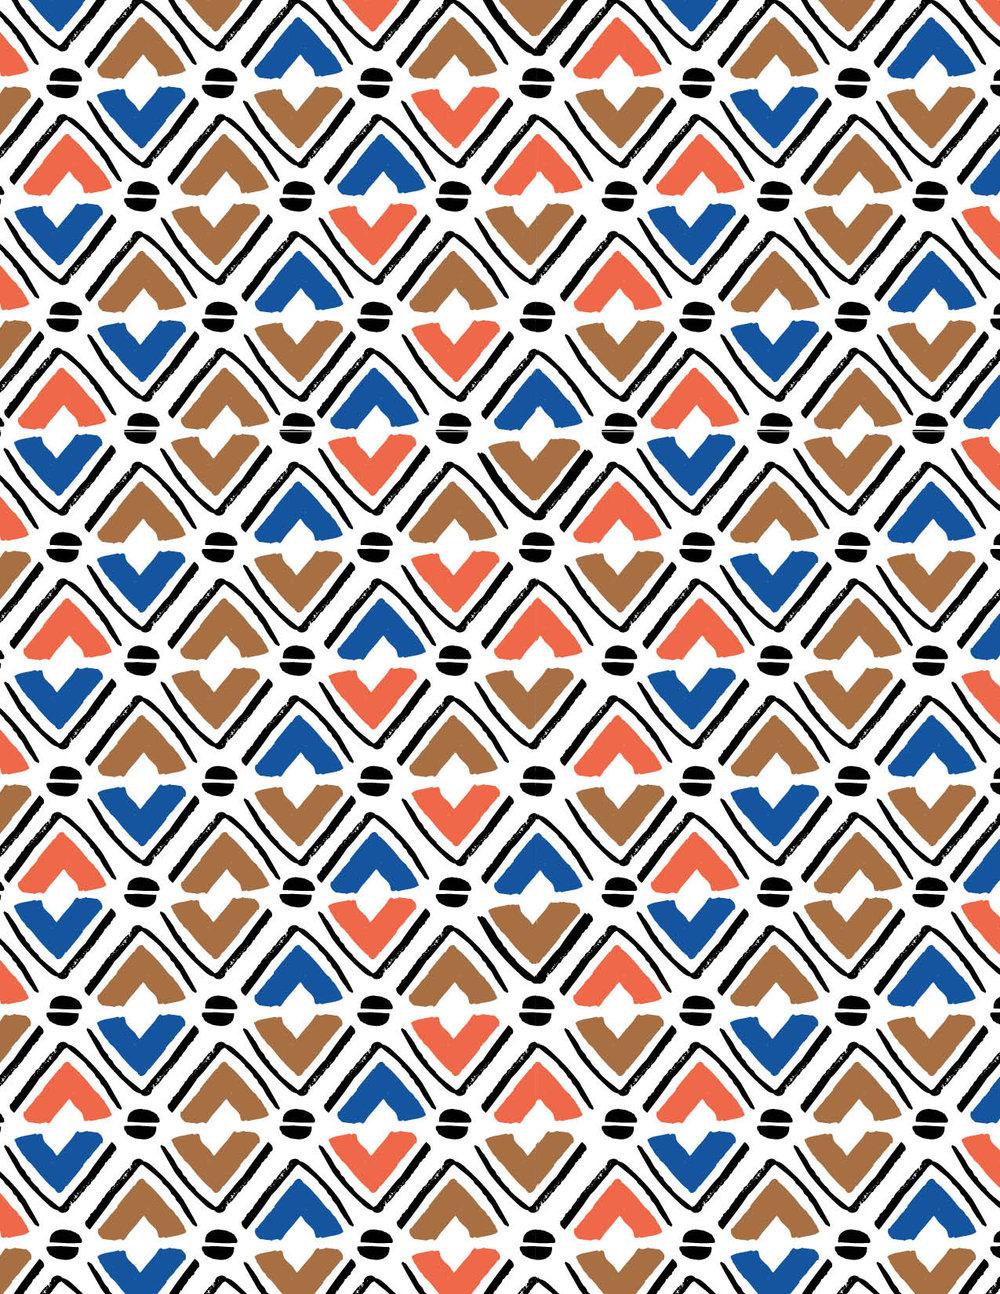 jessbruggink_pattern21.jpg